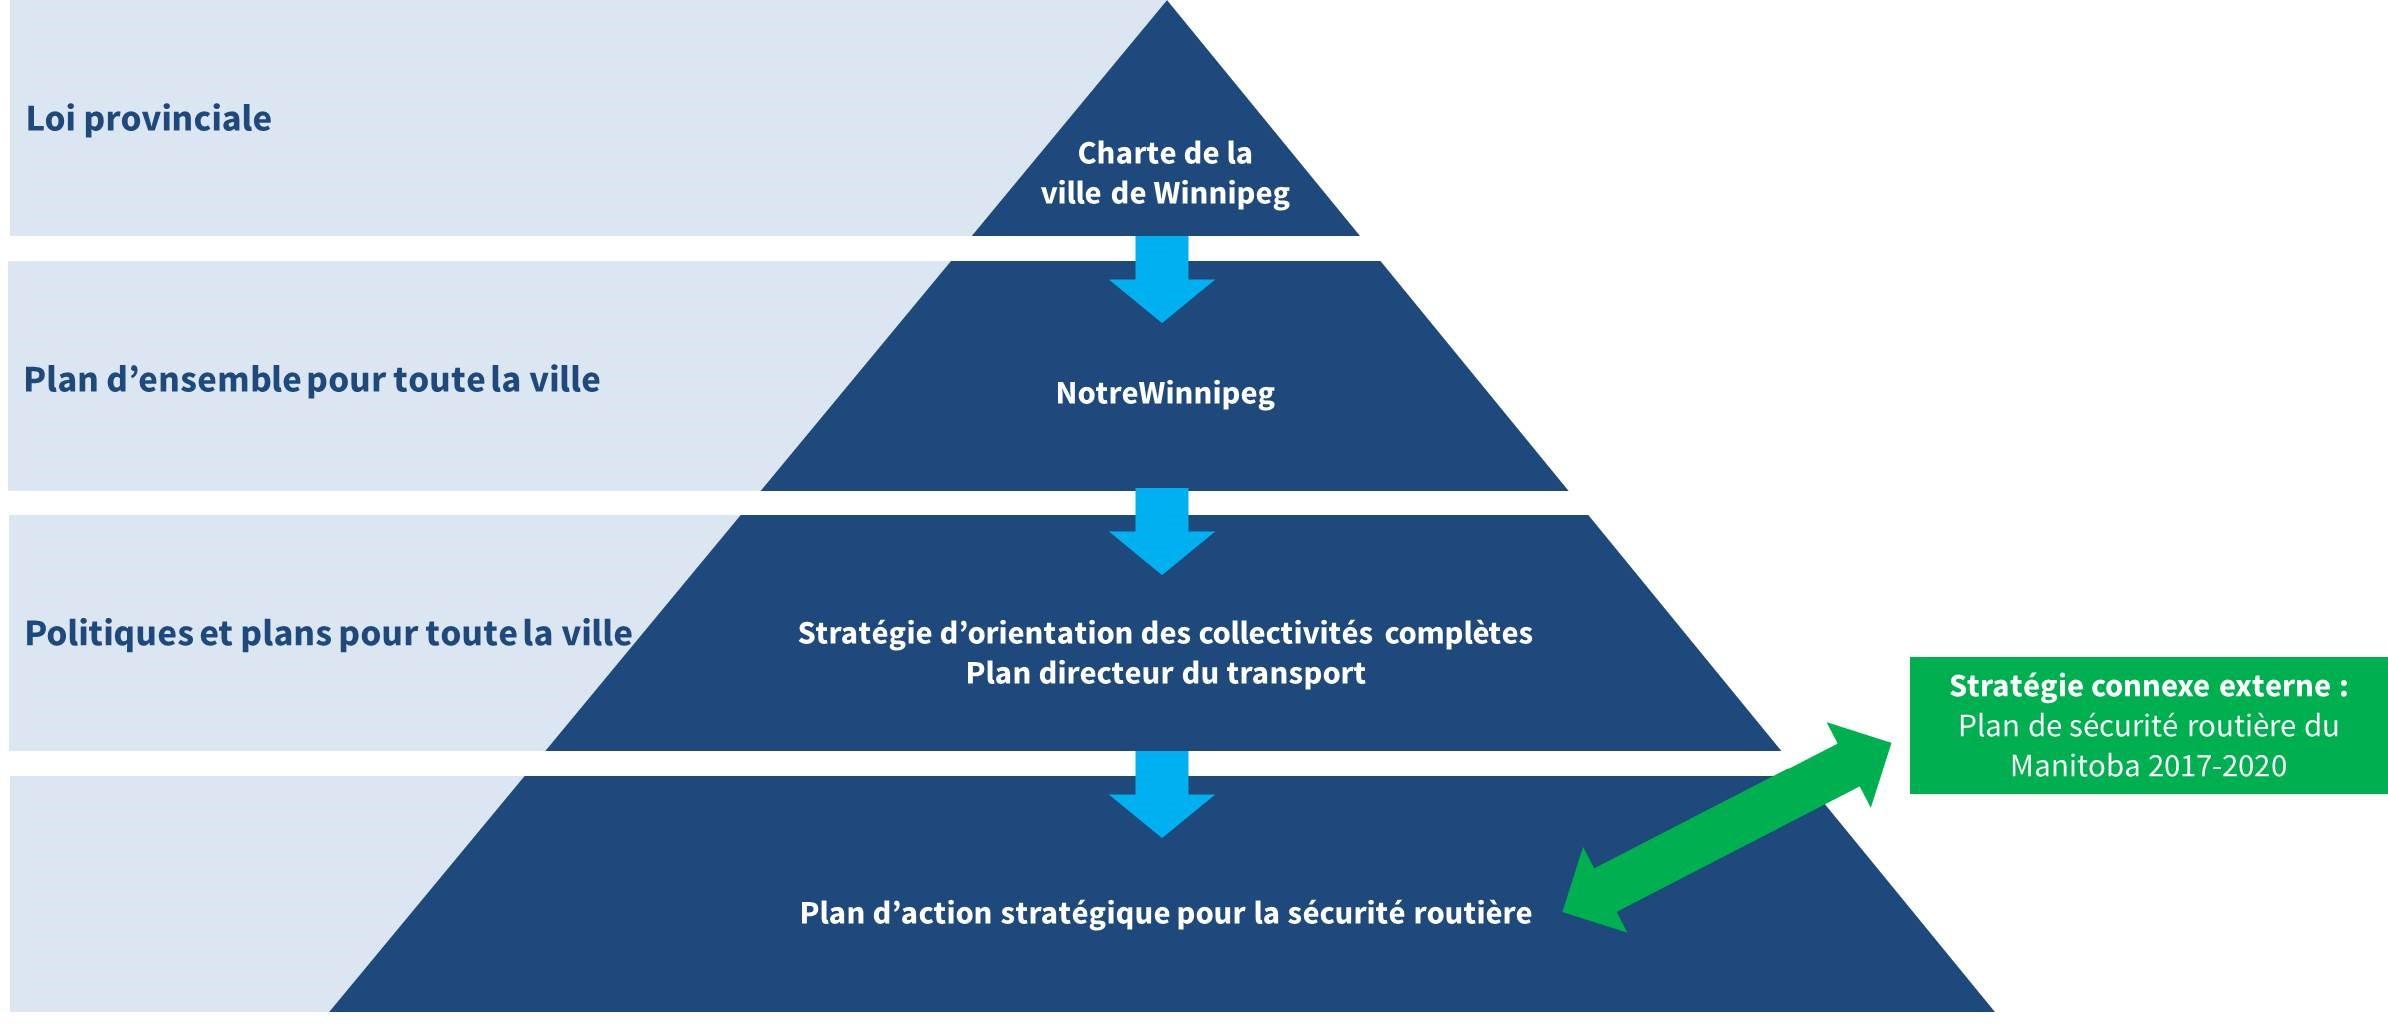 La loi provinciale qui régit la Ville de Winnipeg est la Charte de la ville de Winnipeg. Le niveau suivant de documents de planification est NotreWinnipeg, le plan d'ensemble pour toute la ville qui guide les actions de la Ville. Ensuite, le document Collectivités complètes et le Plan directeur du transport sont des politiques et des plans qui s'appliquent à toute la ville. Le Plan d'action stratégique pour la sécurité routière est l'outil de mise en œuvre de la sécurité routière. La stratégie connexe externe de la Province est le Plan de sécurité routière du Manitoba 2017-2020.